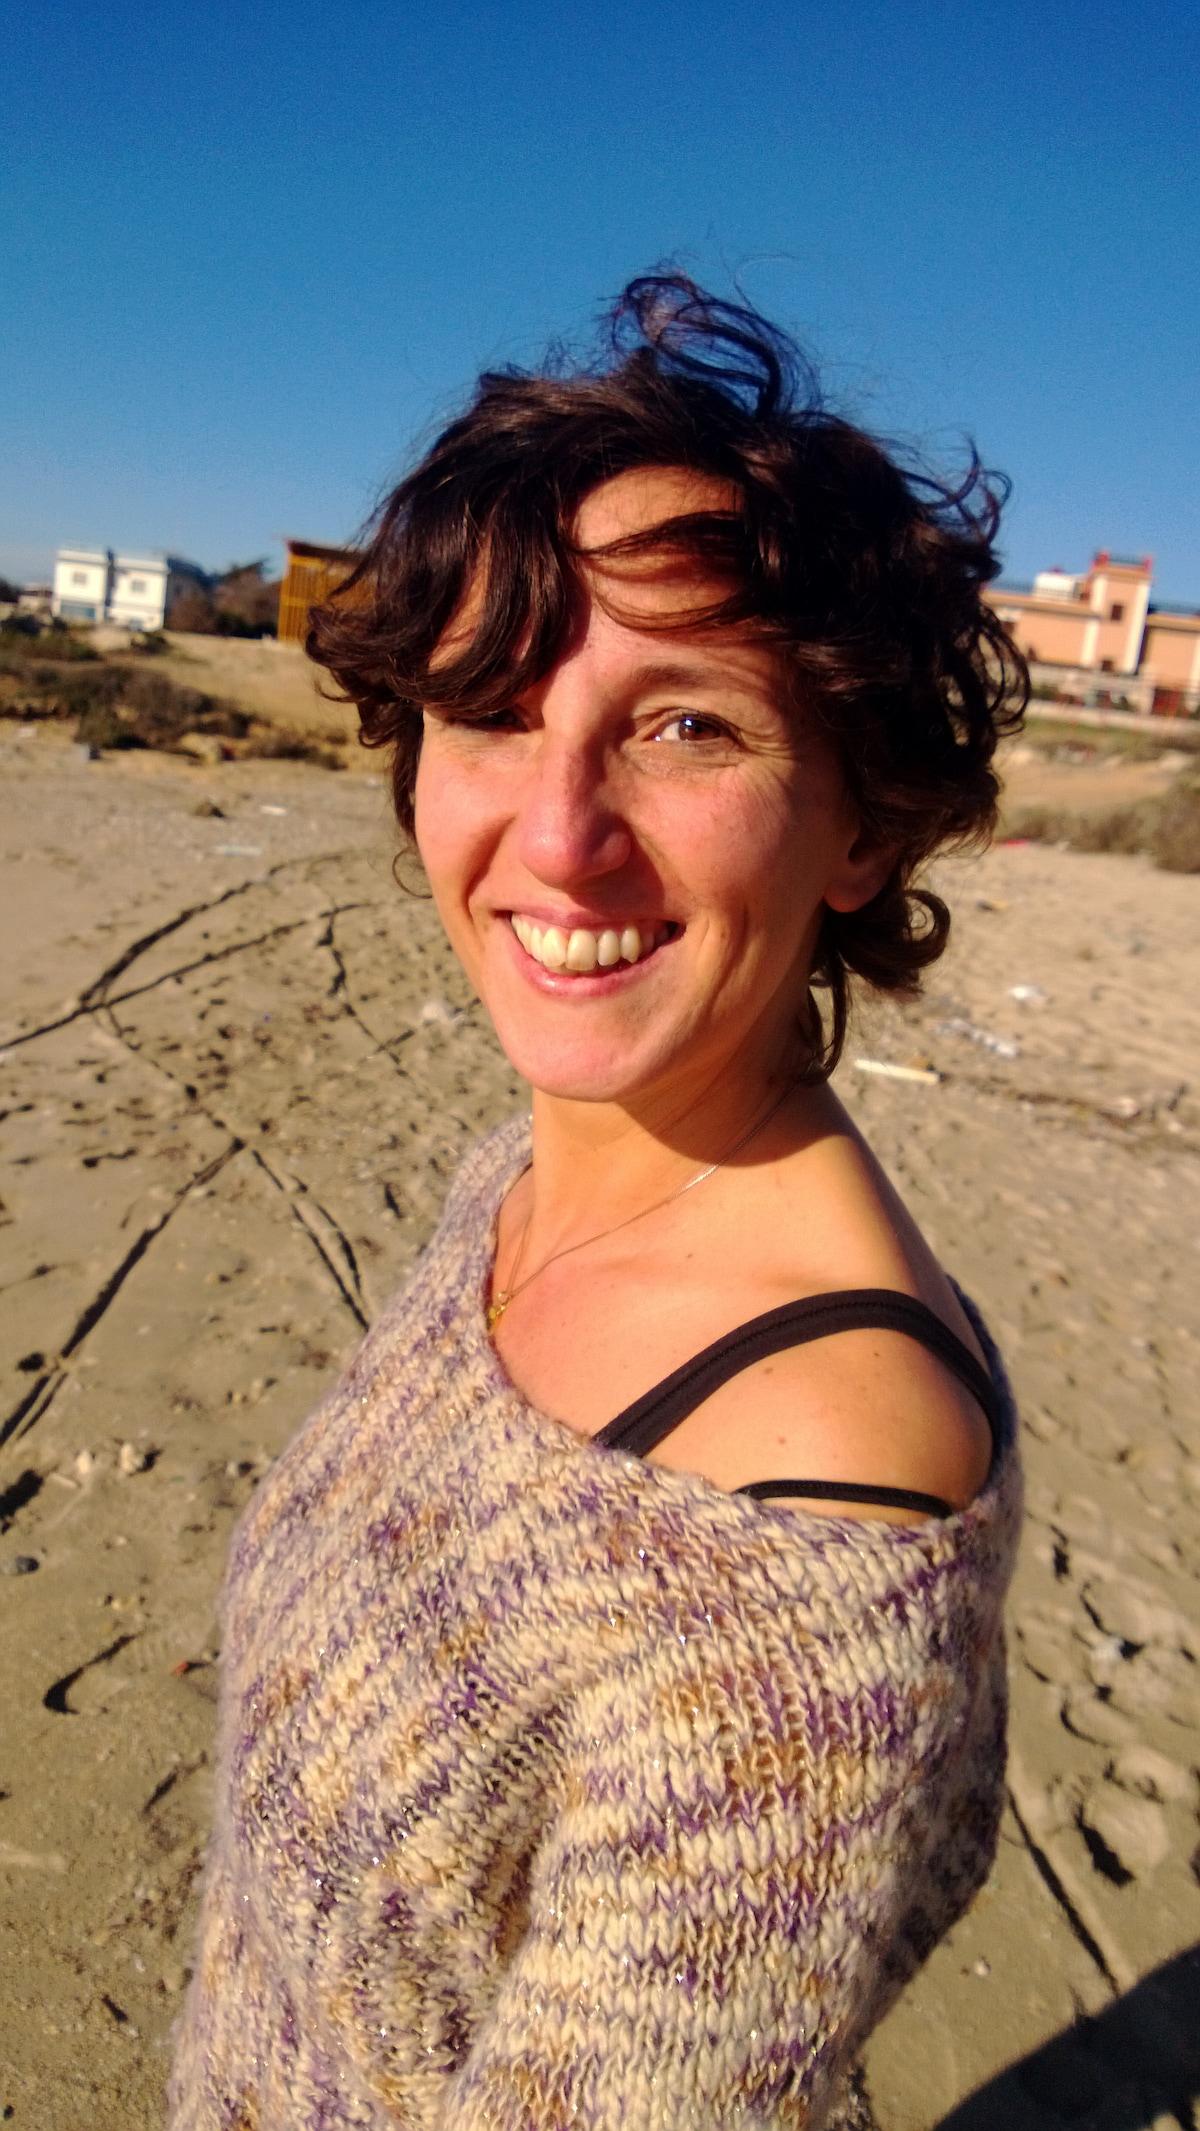 Lucia From Taranto, Italy